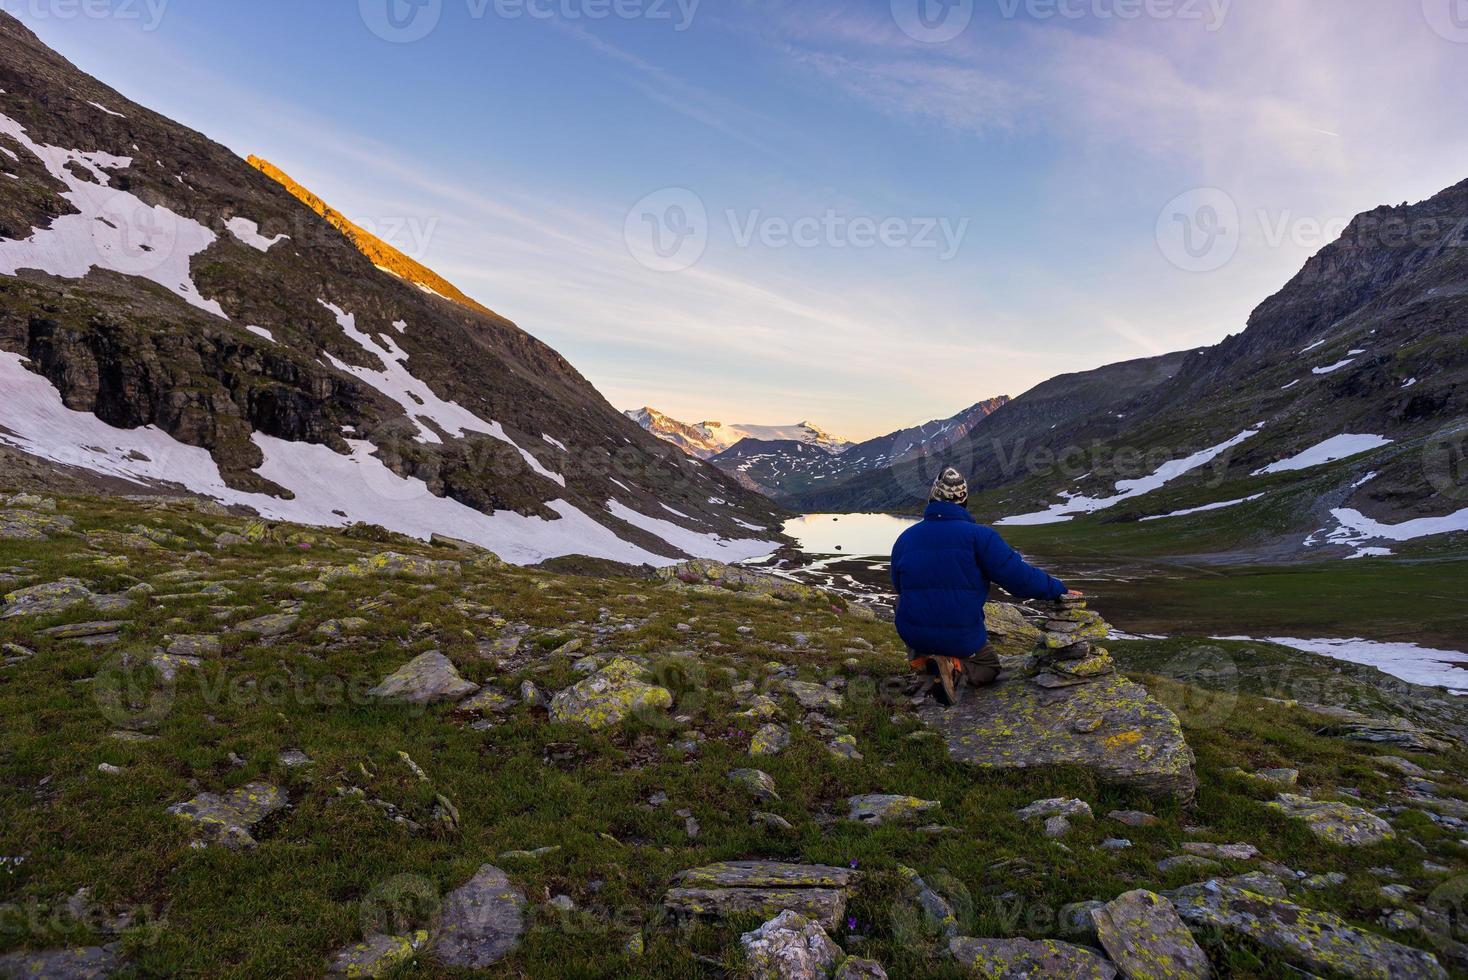 Eine Person beobachtet den Sonnenaufgang hoch oben in den Alpen foto